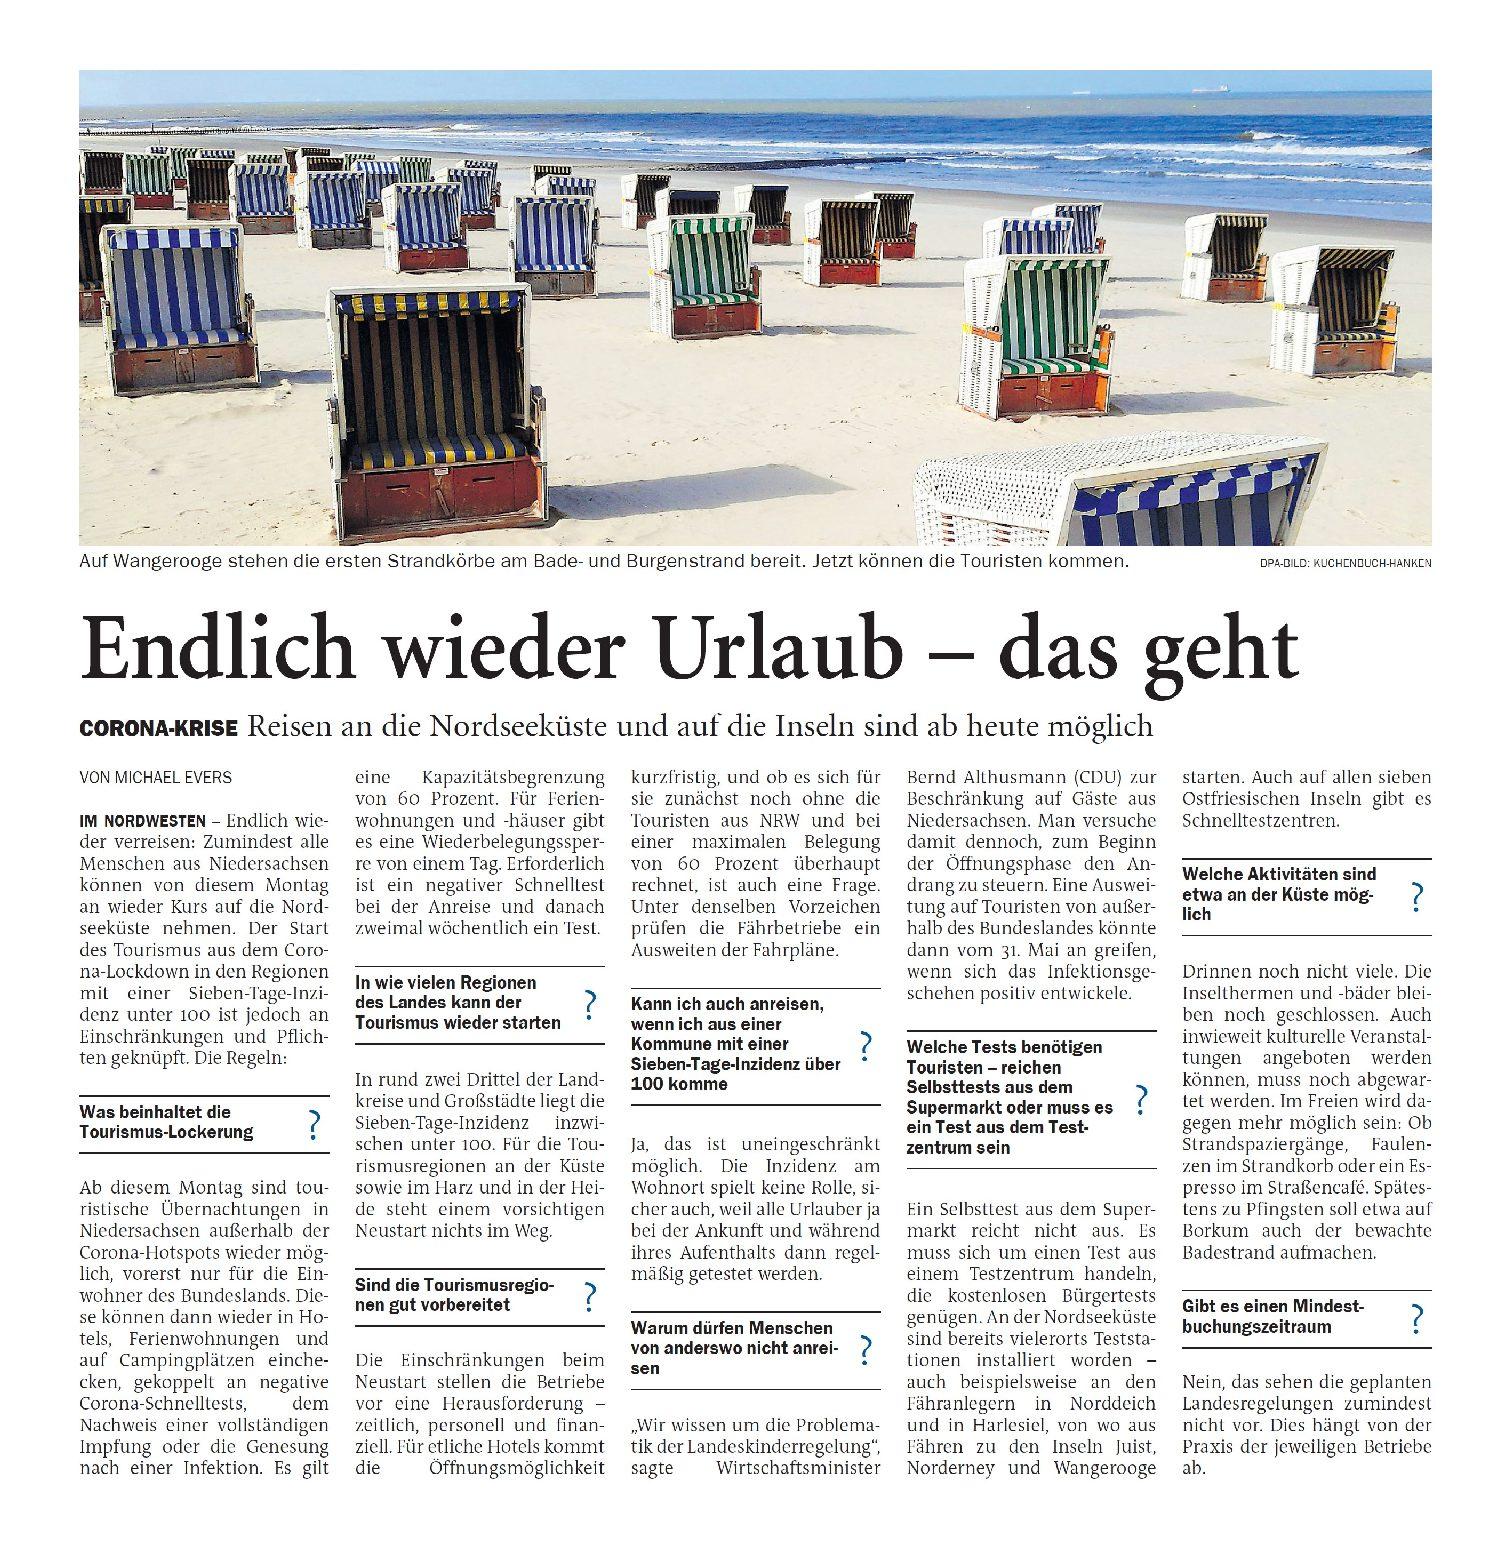 Jeversches Wochenblatt 10.05.2021 V